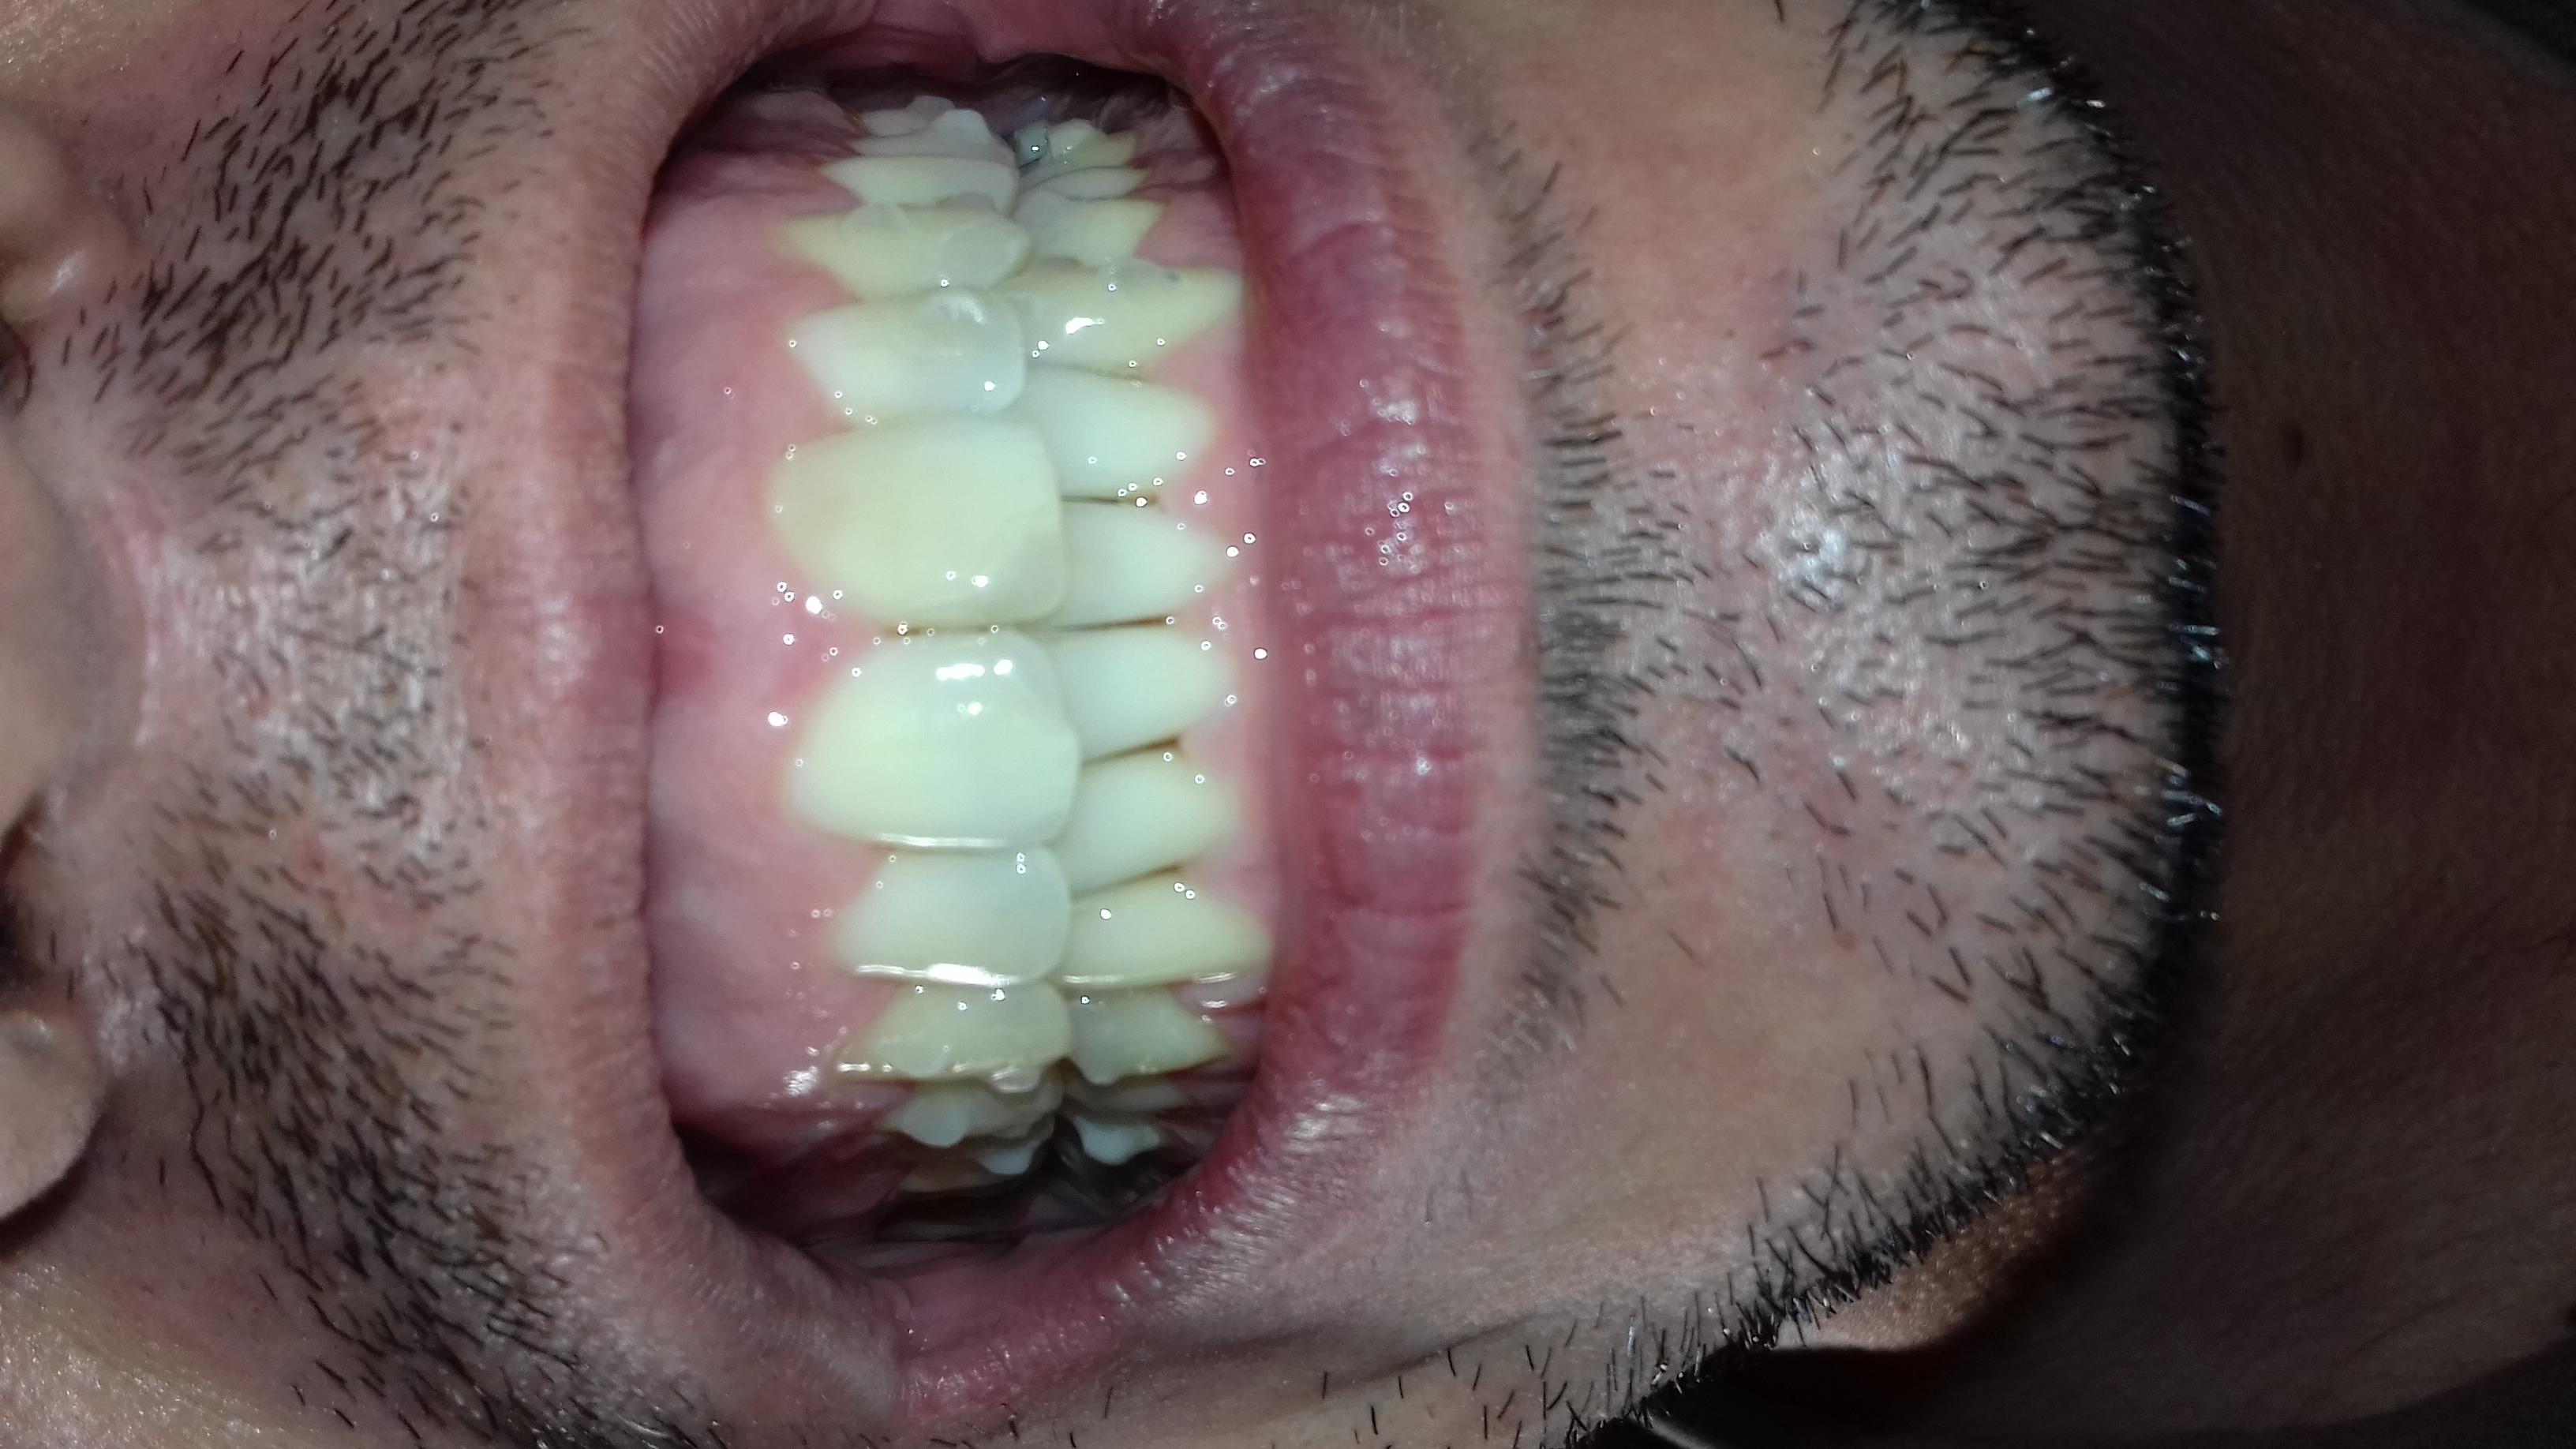 La prima volta mi è stata diagnosticata la parodontite a 20 anni